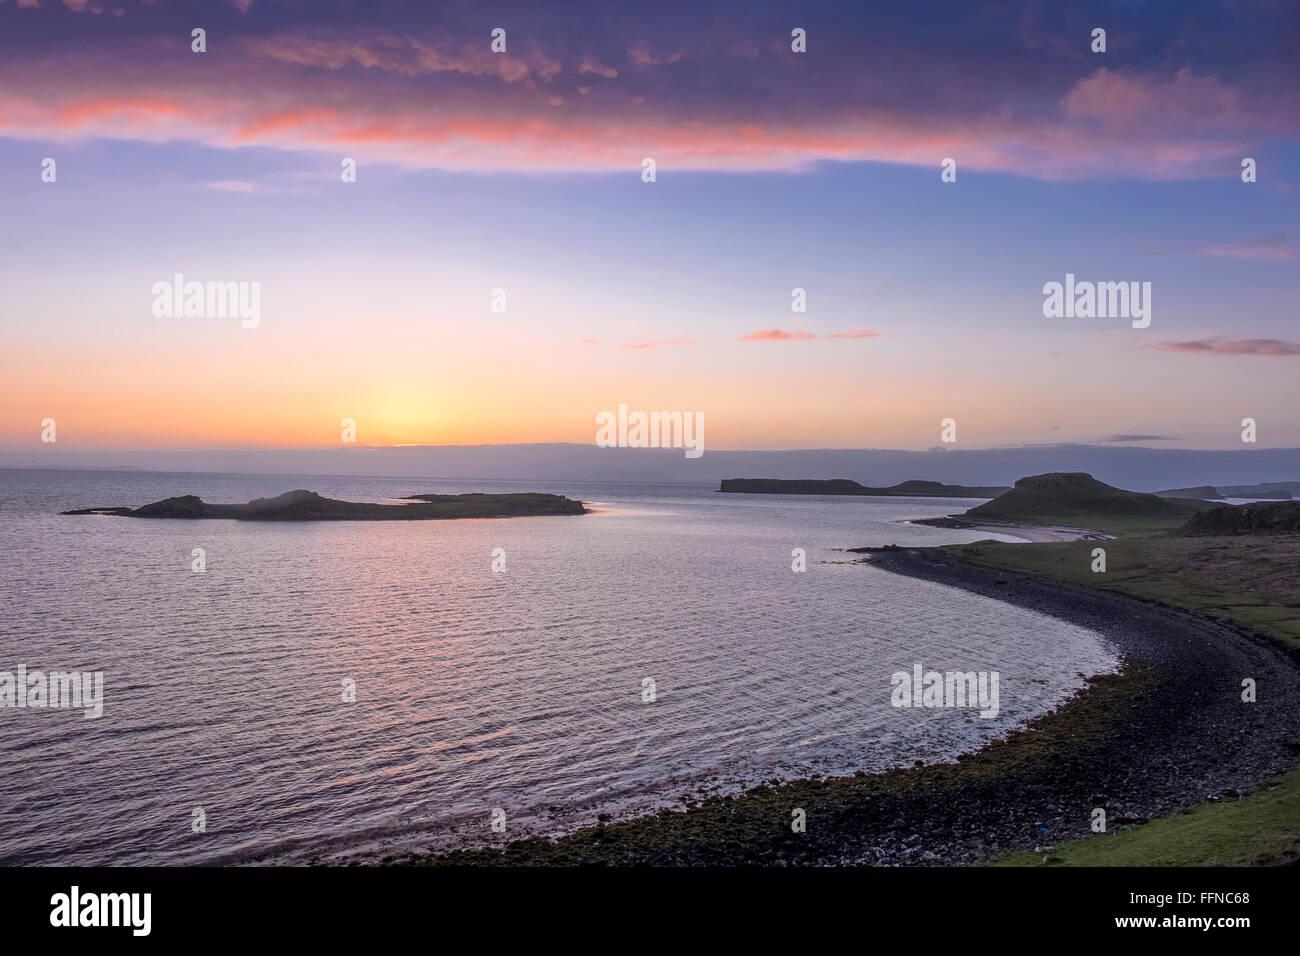 Magenta tramonto sulla spiaggia di corallo a loch dunvegan con isolette dusky Immagini Stock